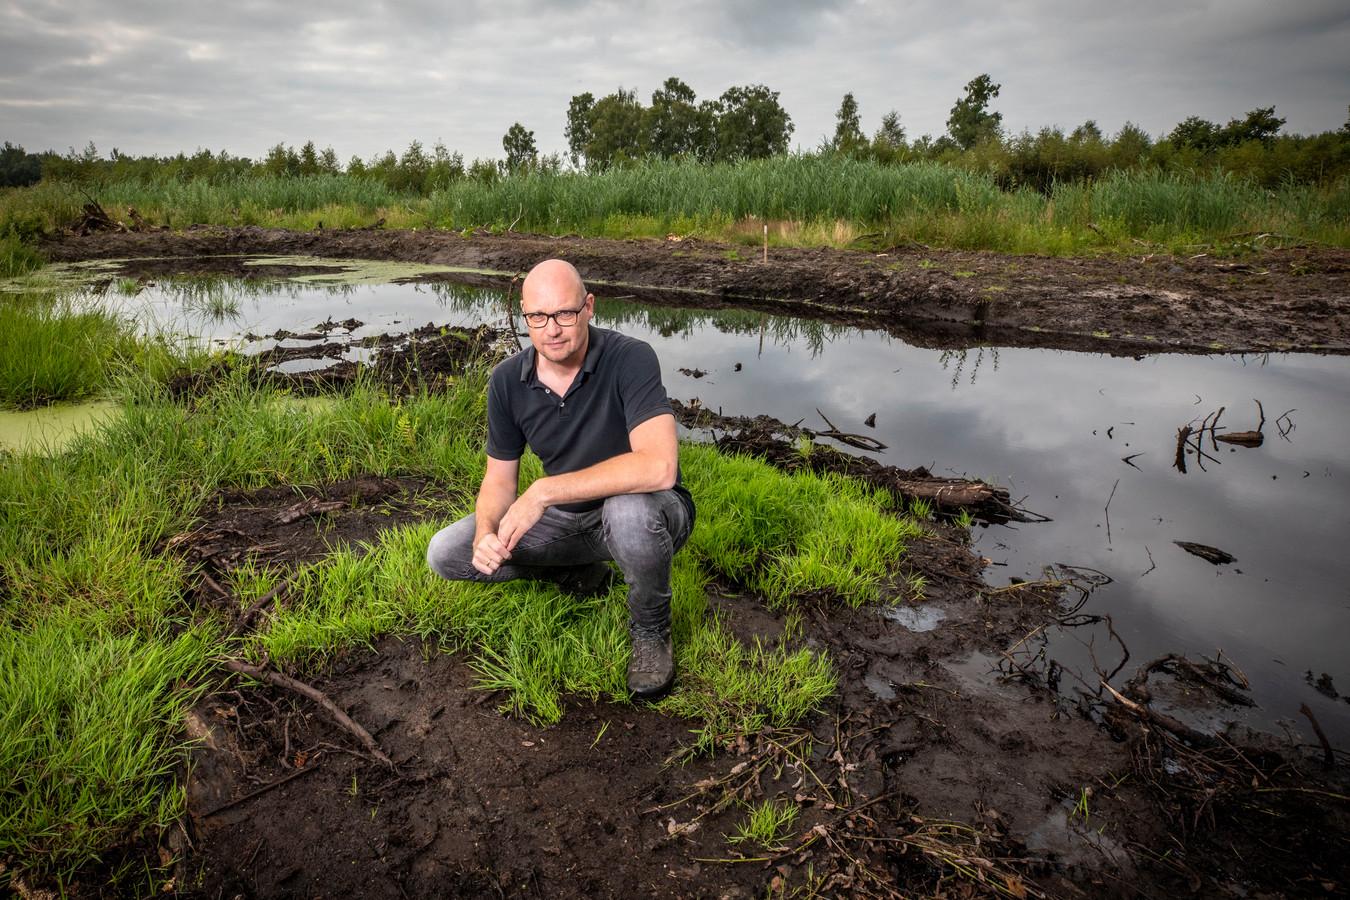 """Iwan Brinkhuis op de plek in het Aamsveen waar een illegale vuilstort is verwijderd. De poel is ongeveer 40 centimeter diep. """"Hier lag de rotzooi""""."""